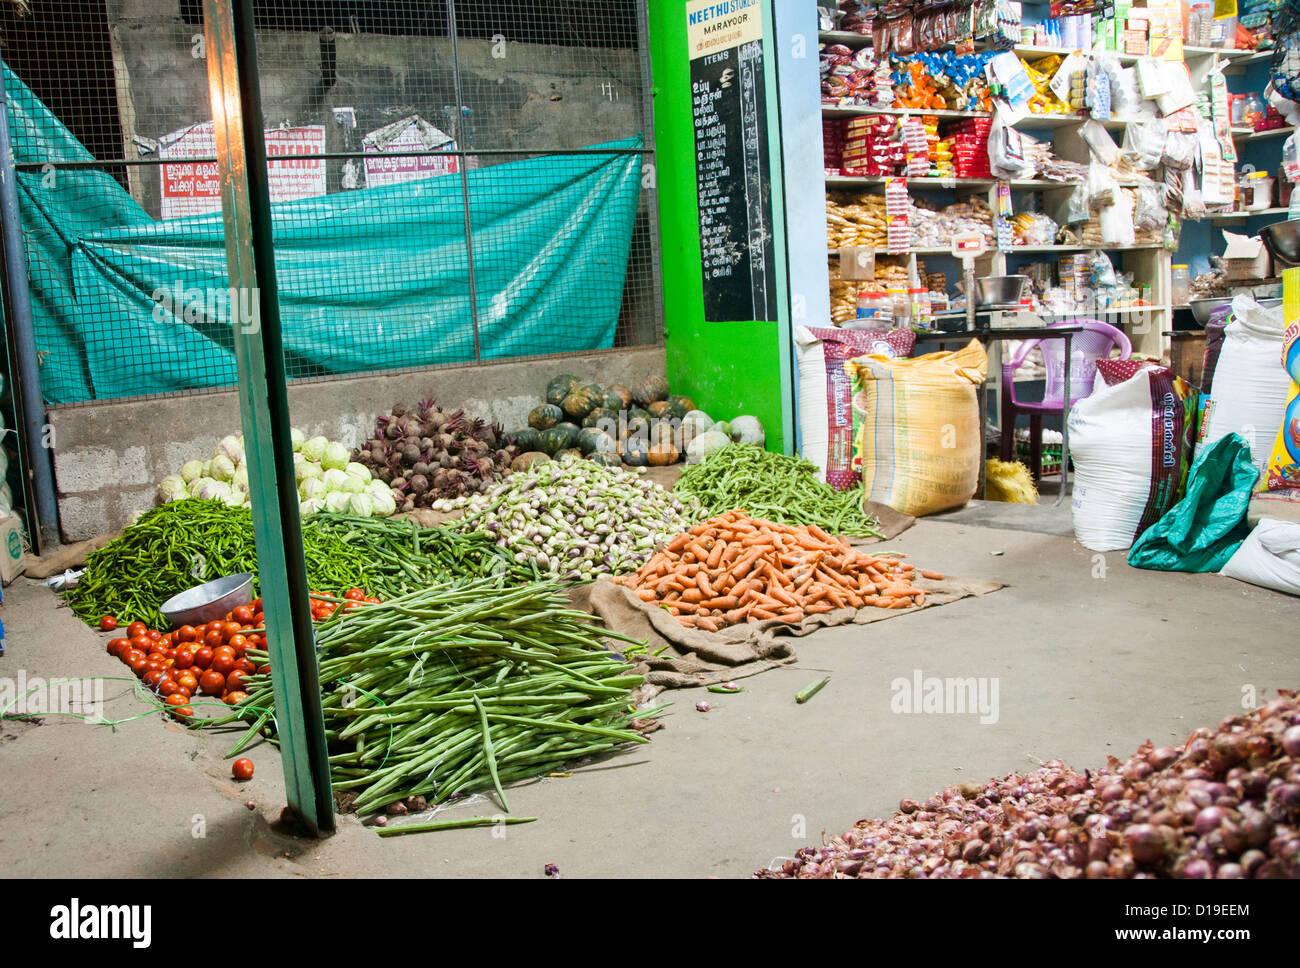 Lokalen Supermarkt Shop Tamilnadu, Indien Stockbild